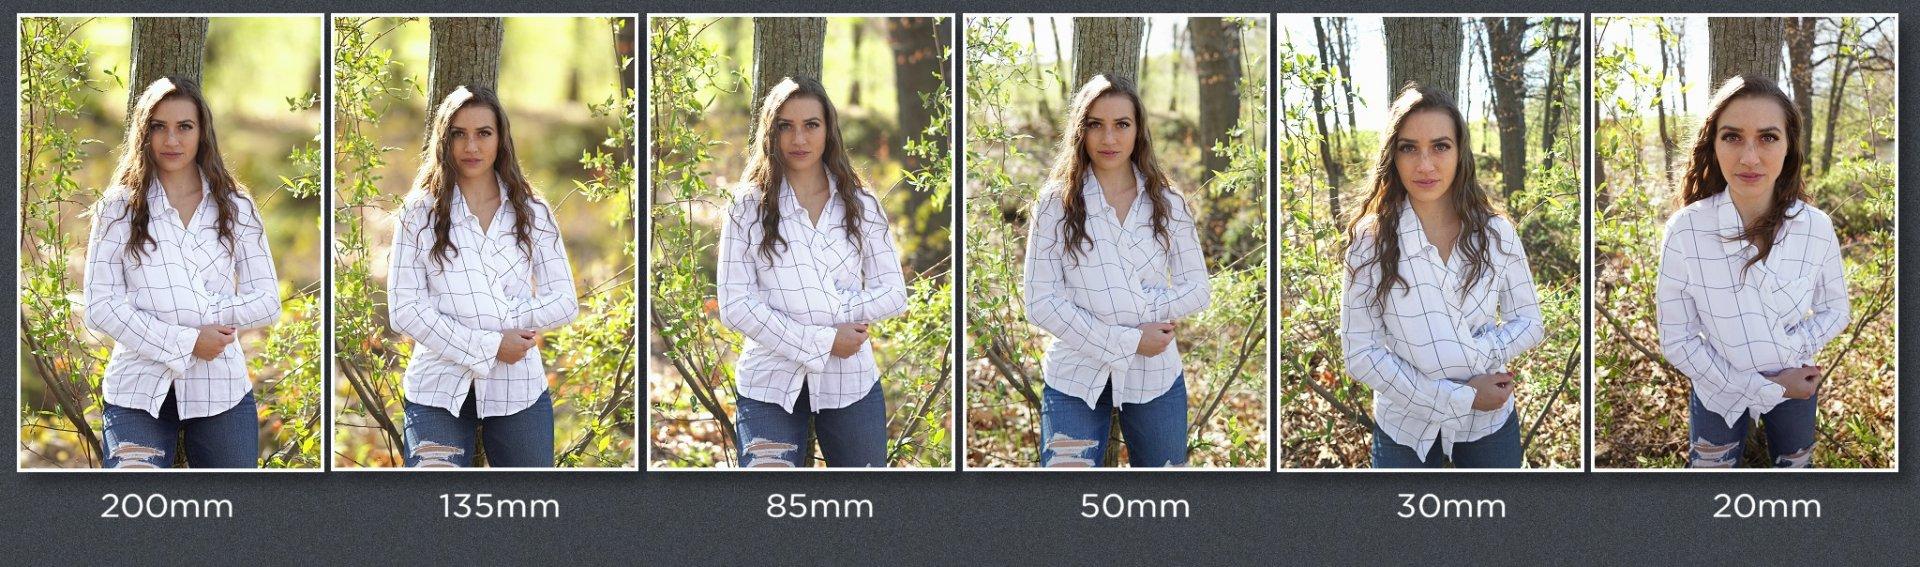 portre fotoğrafı çekim açıları.jpg